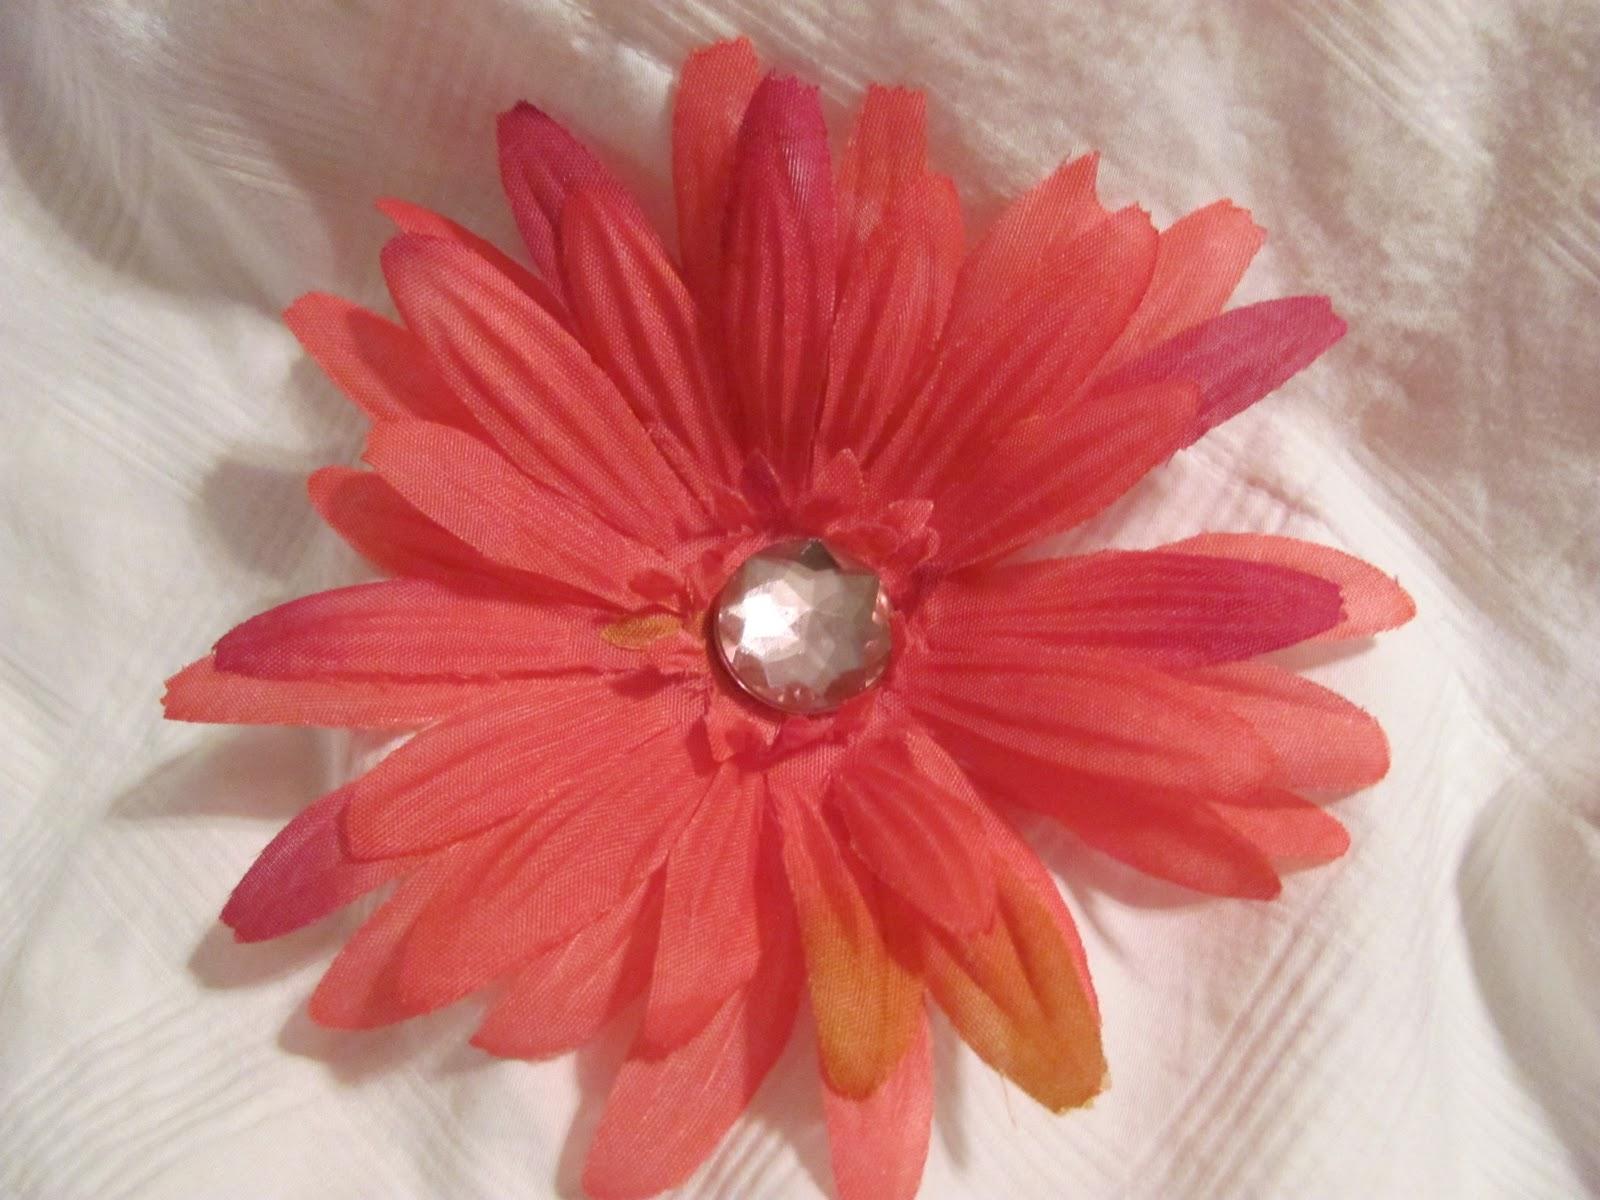 http://4.bp.blogspot.com/_srbatDfeI2Y/TOQr3_JA41I/AAAAAAAAAFw/ajGbFvA_J9I/s1600/Hot+Pink+Flower%252C+Large+with+Brad.JPG